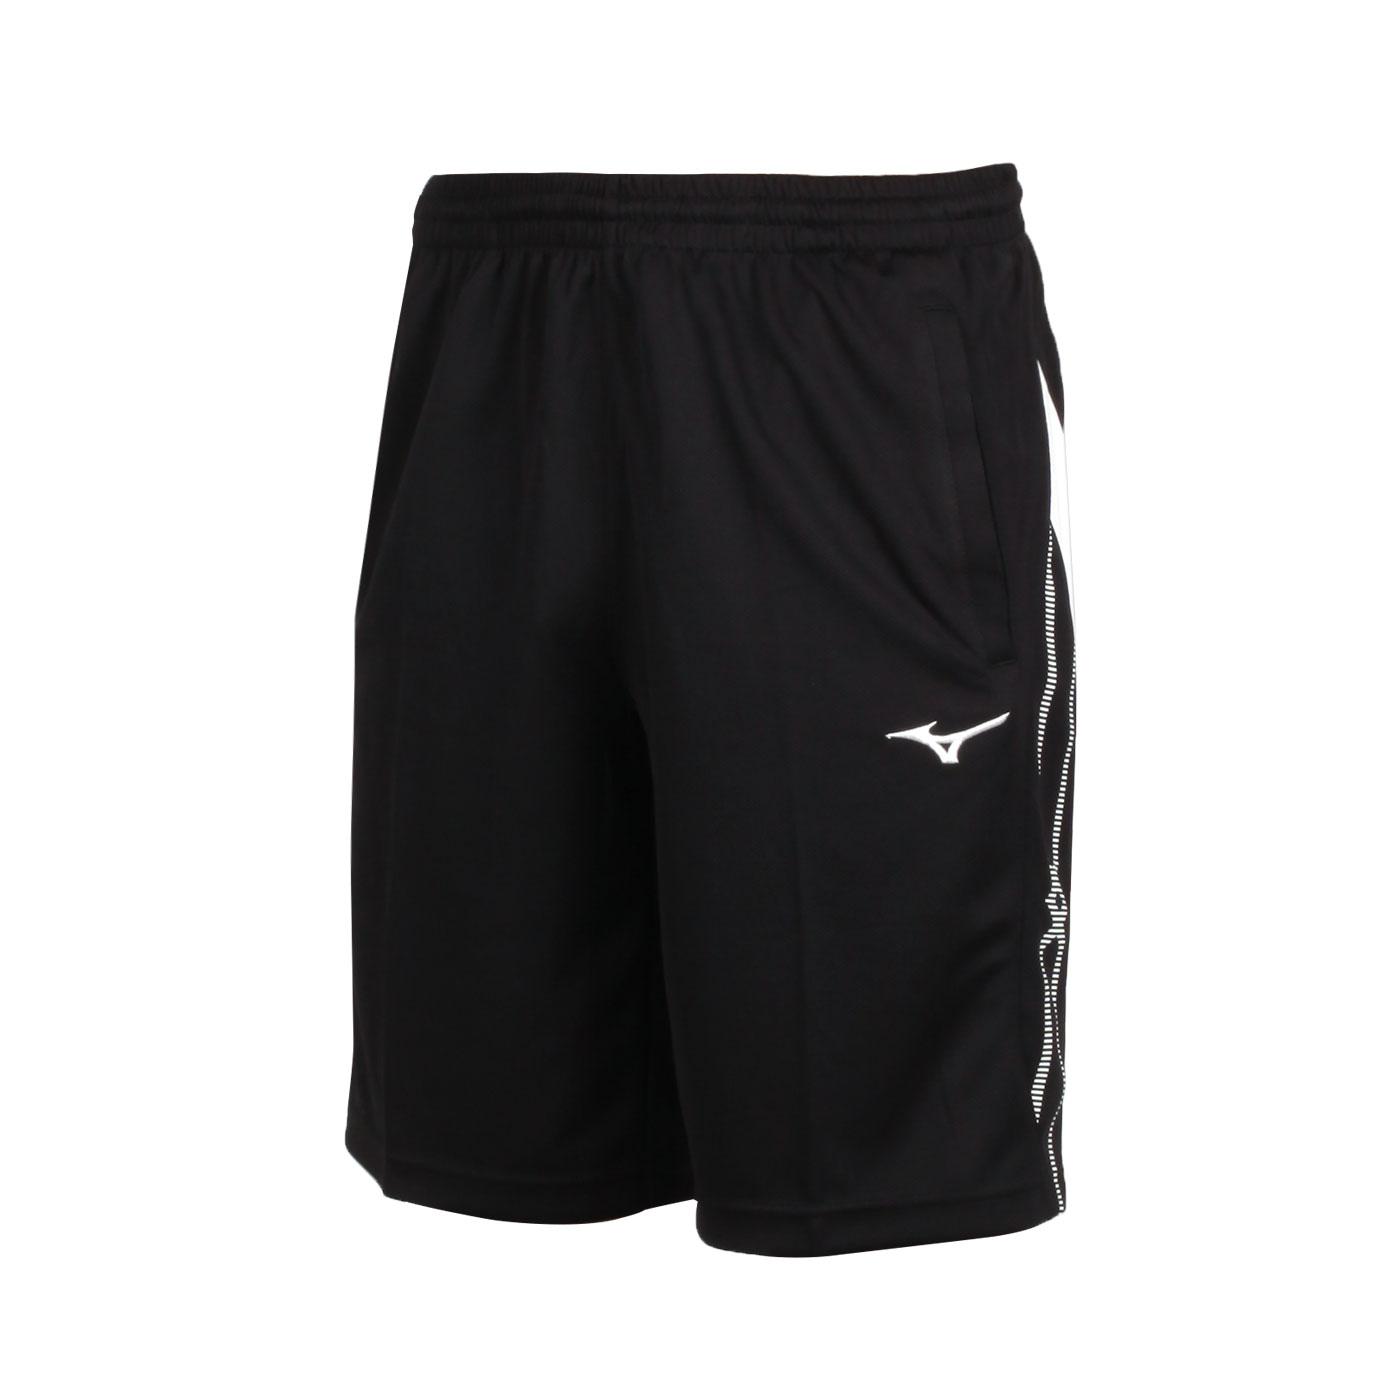 MIZUNO 男款針織短褲 32TB050214 - 黑白